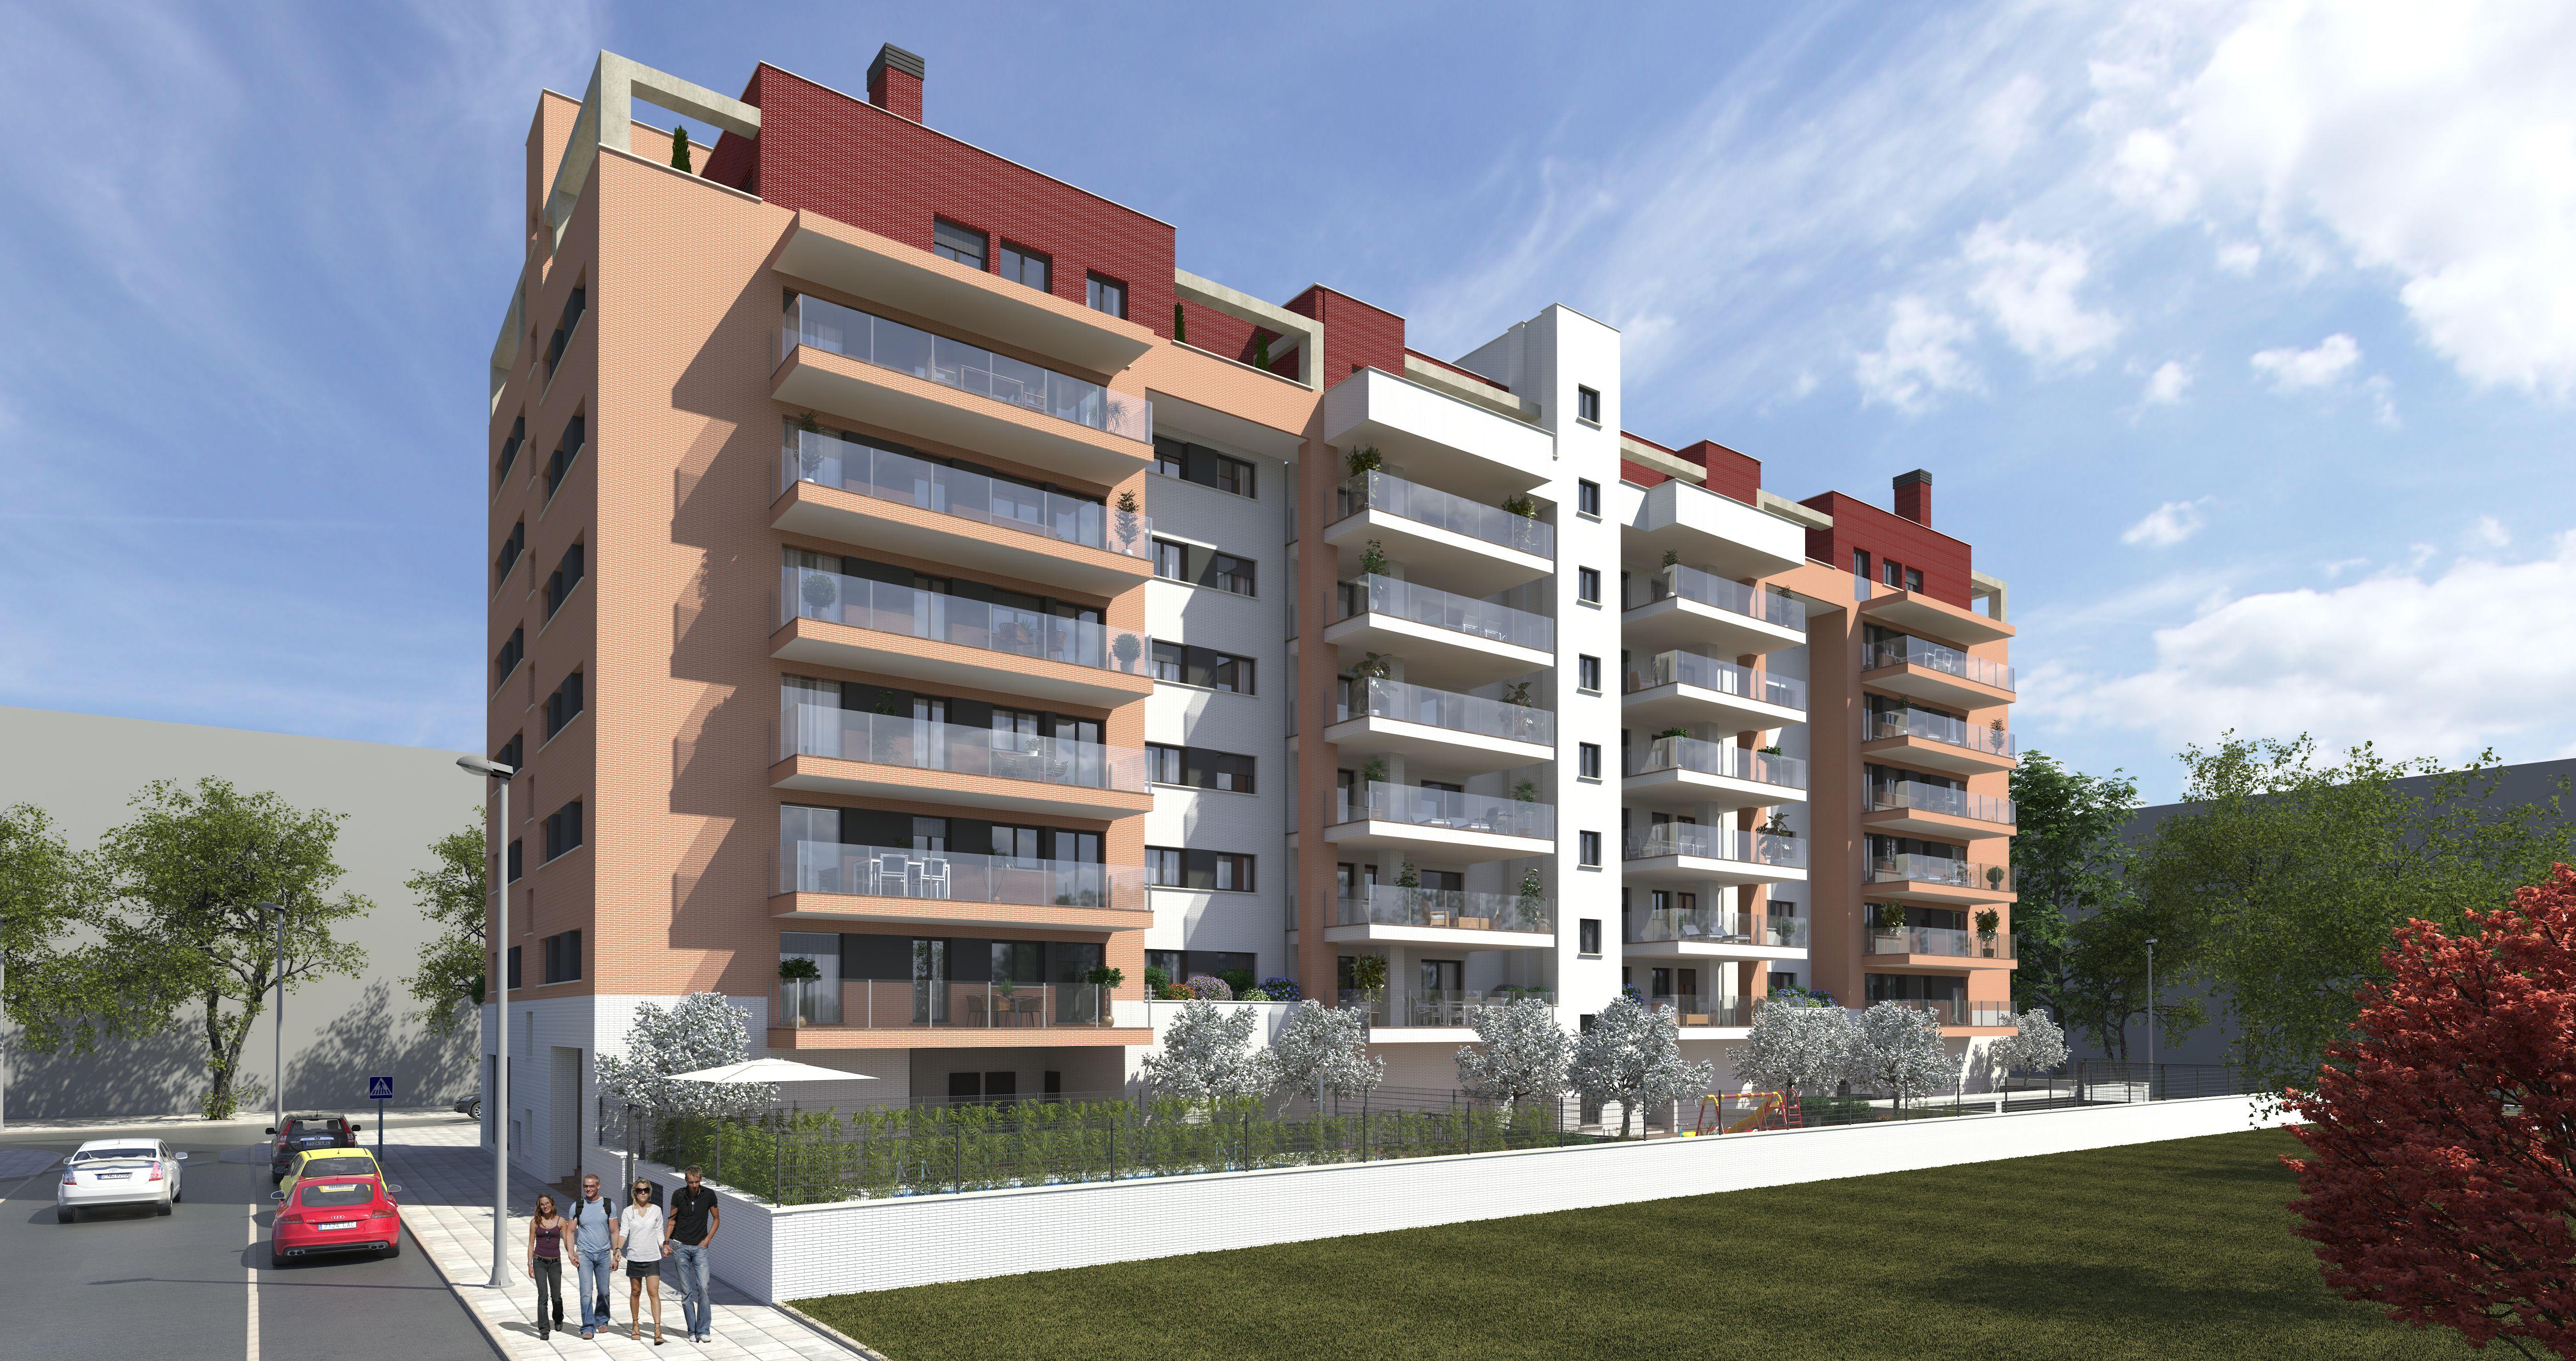 60 viviendas en Rivas - Vaciamadrid